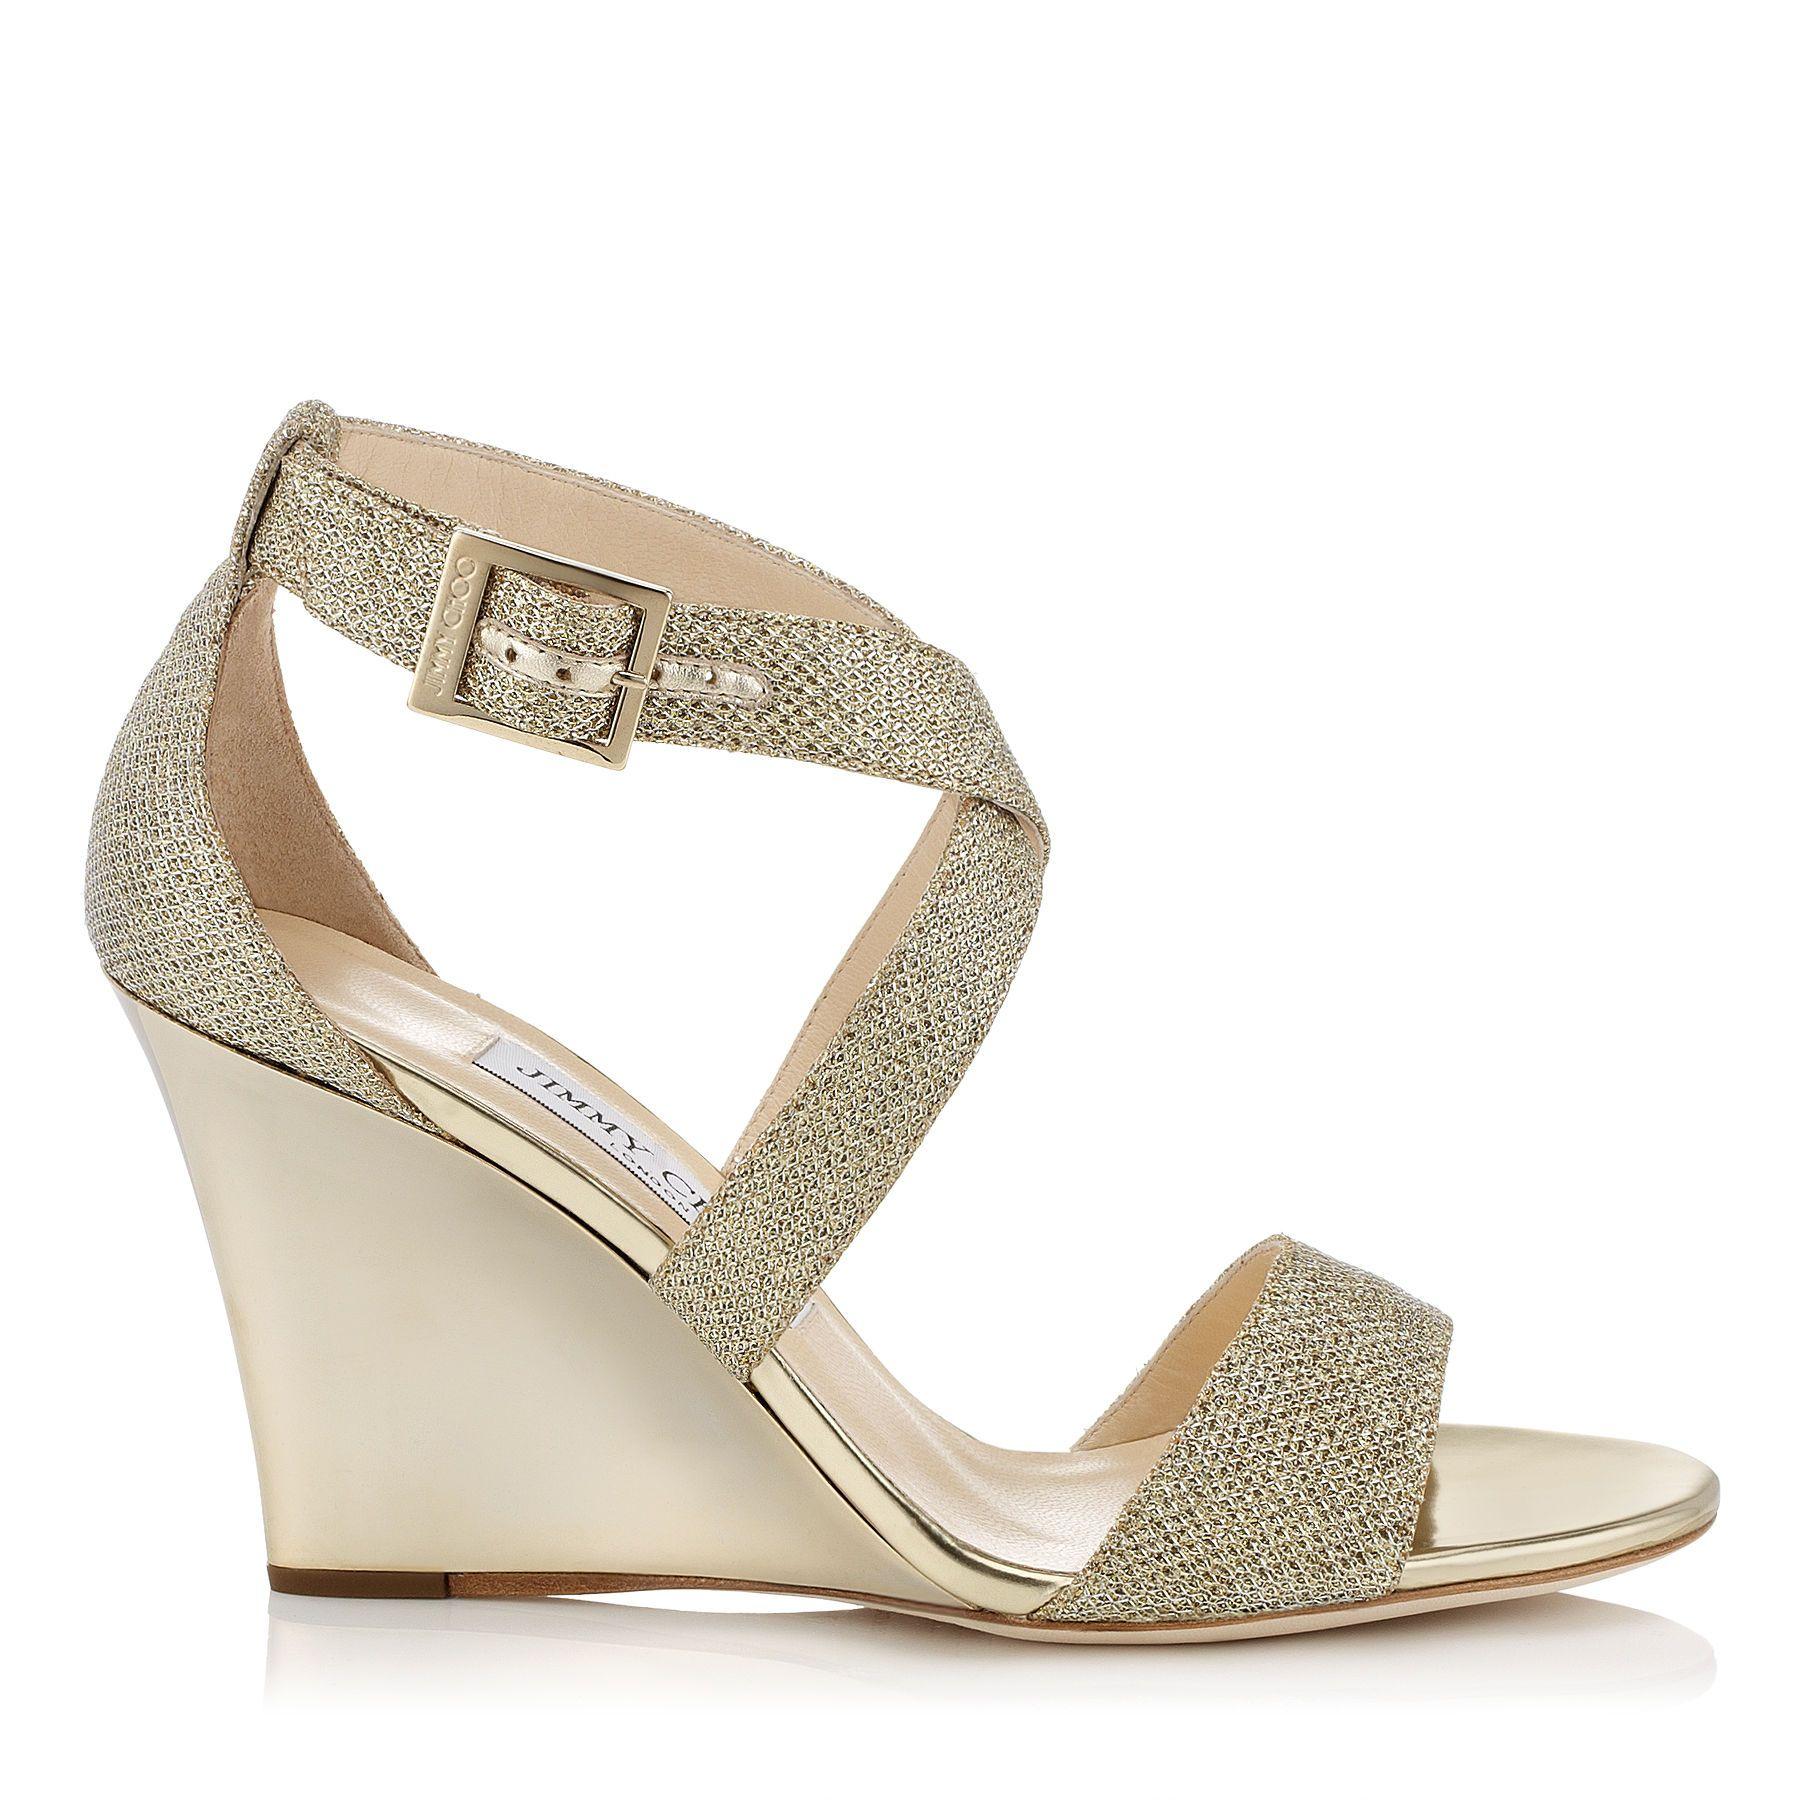 Jimmy Choo, Fearne. Gold Lame Glitter Fabric Wedge Sandals